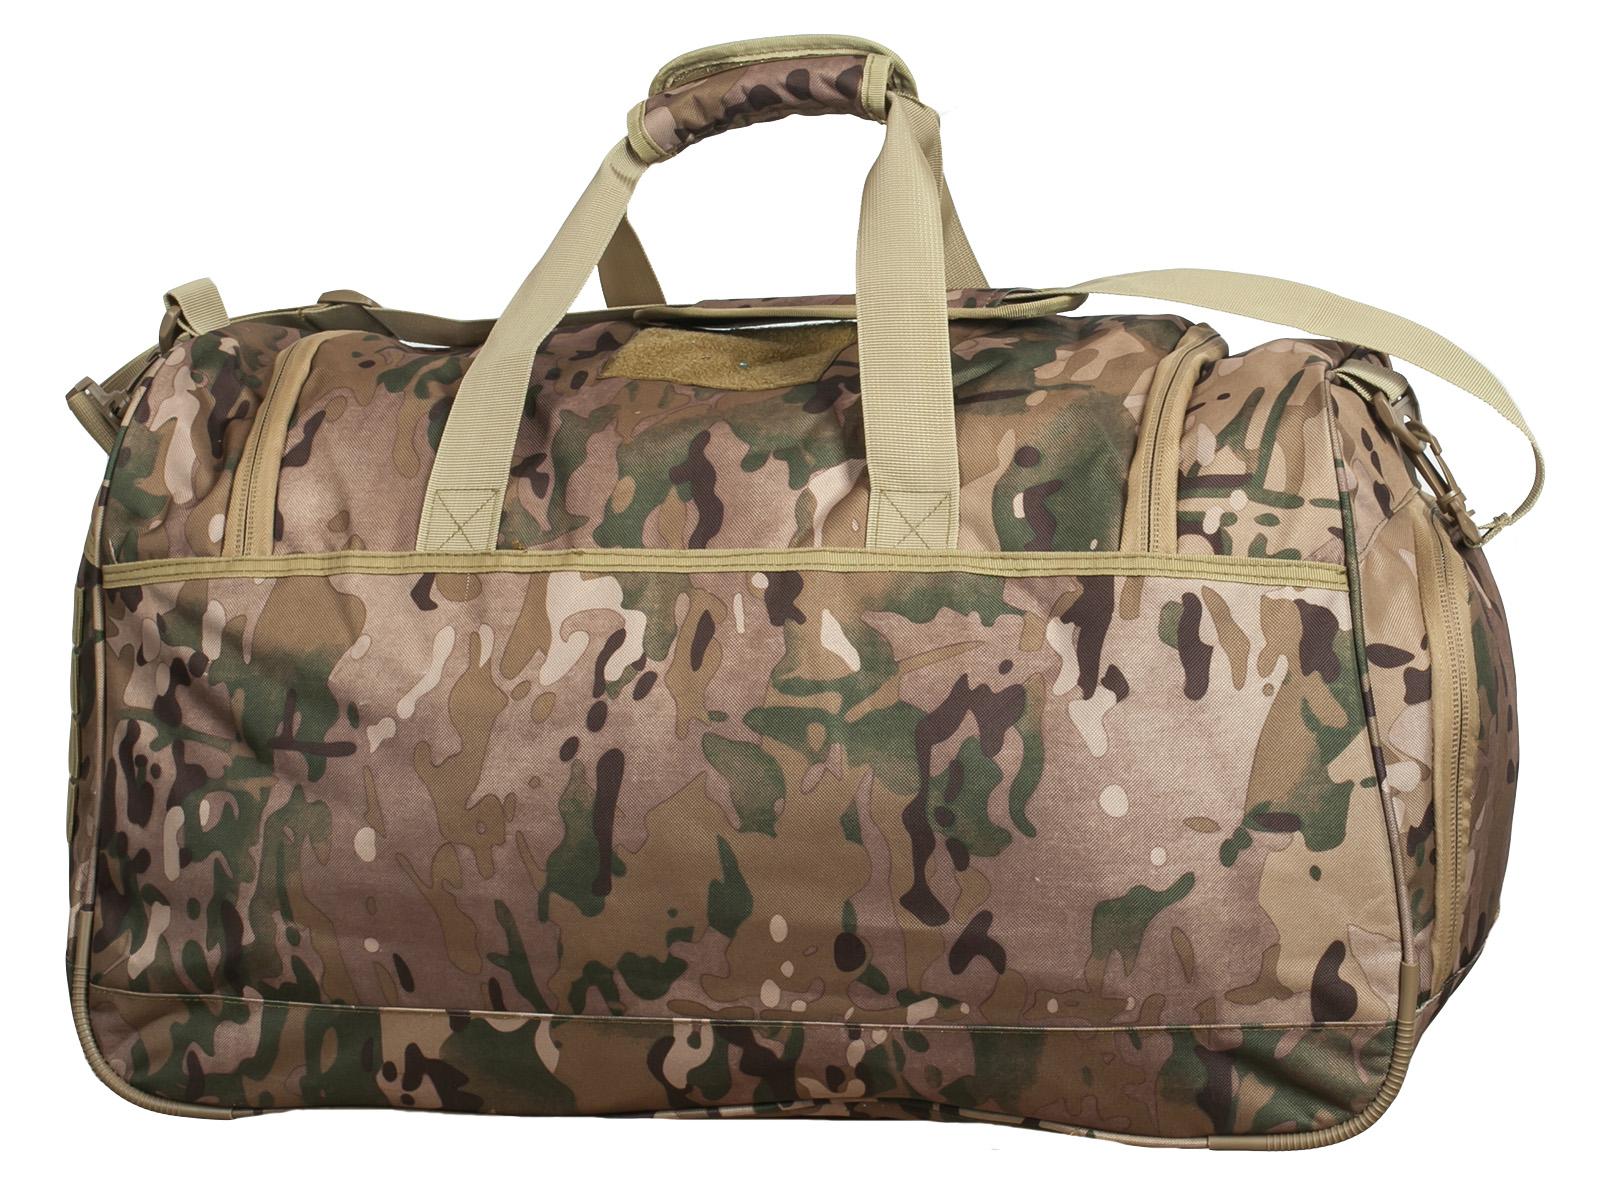 Продажа мужских сумок ВОЕННАЯ РАЗВЕДКА: от тактических до универсальных